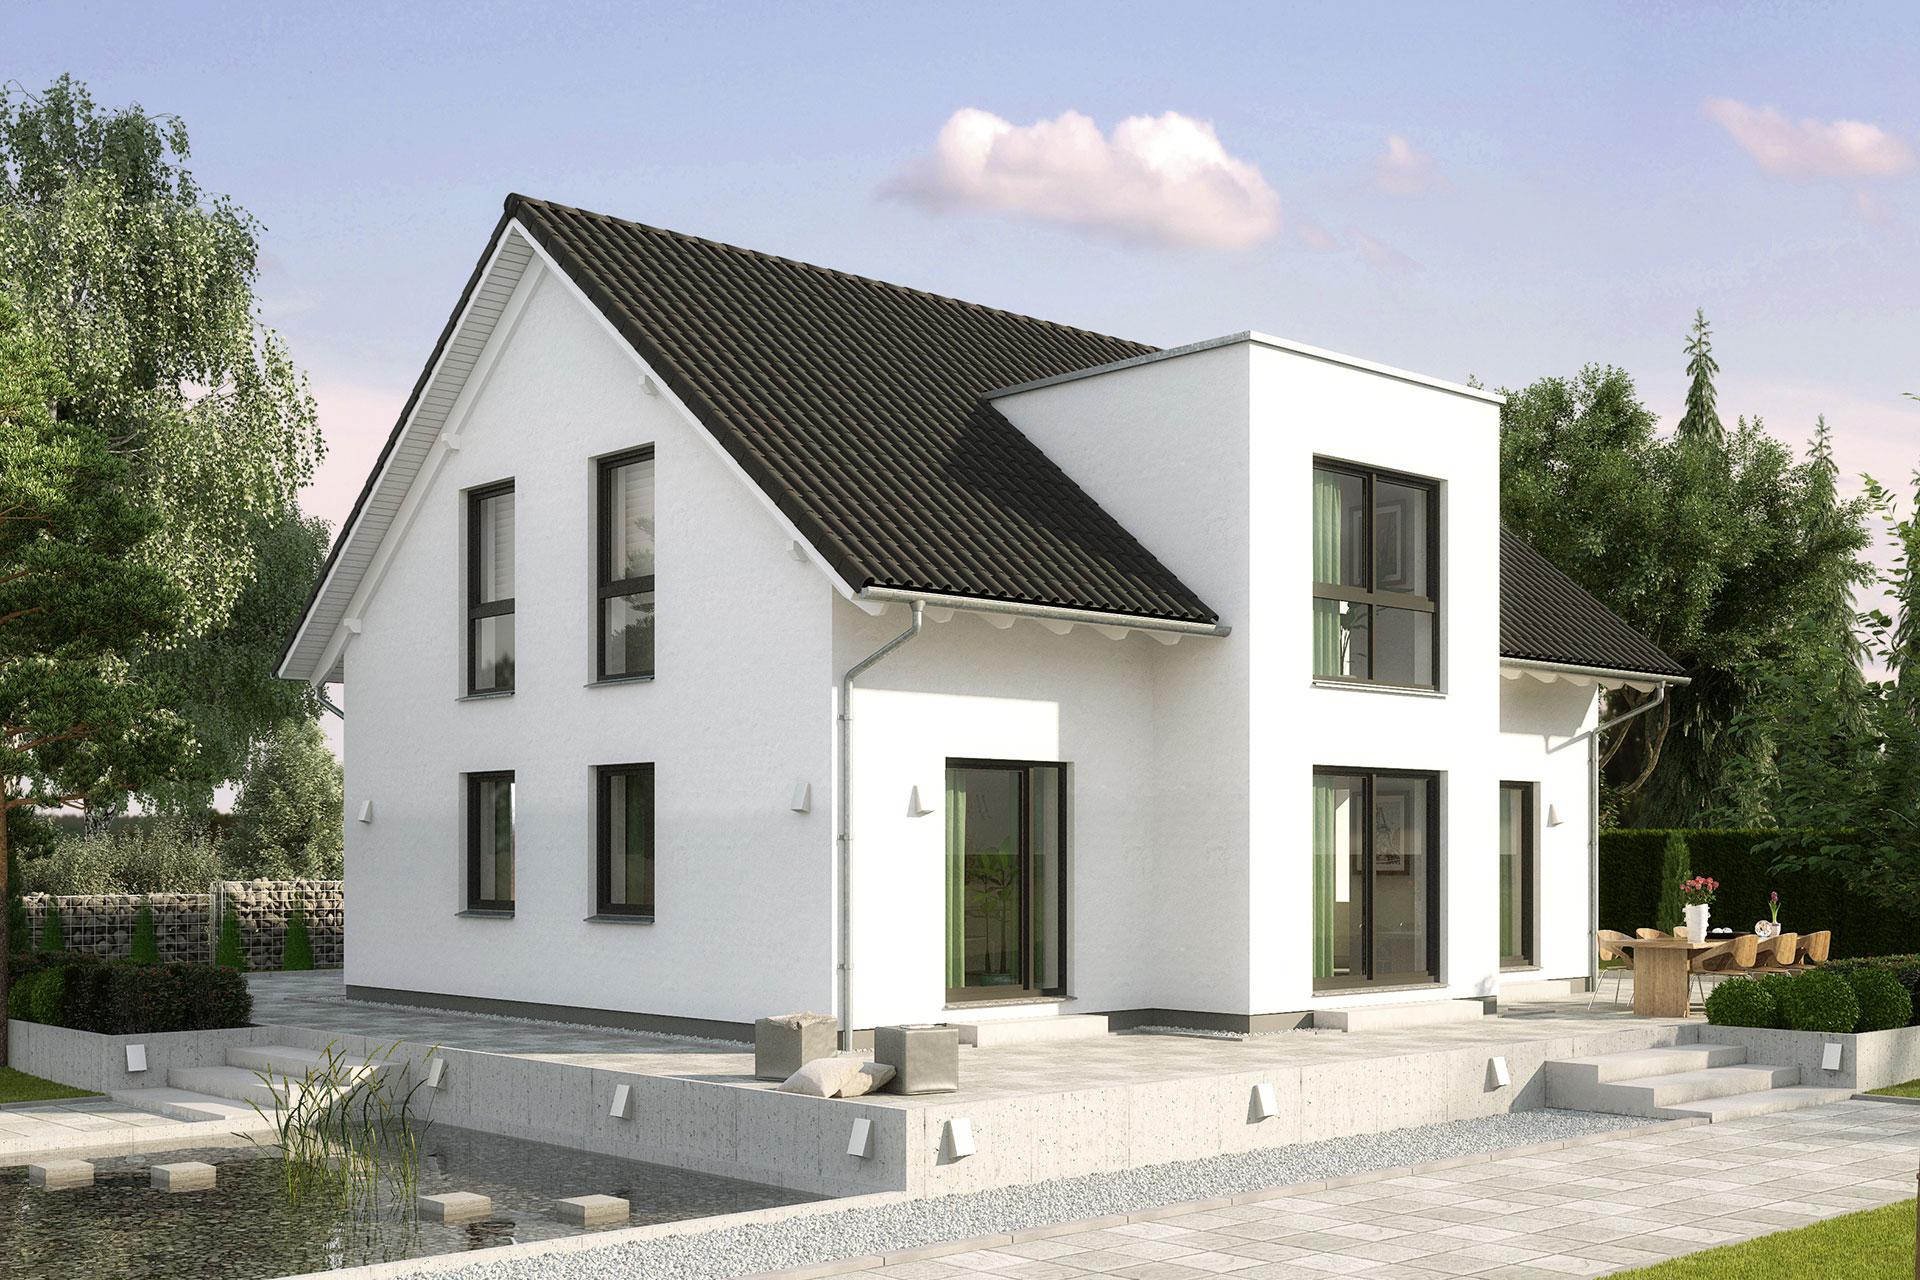 einfamilienhaus guenstig bauen birkenallee eines der 5 meistverkauften modelle gussek haus. Black Bedroom Furniture Sets. Home Design Ideas